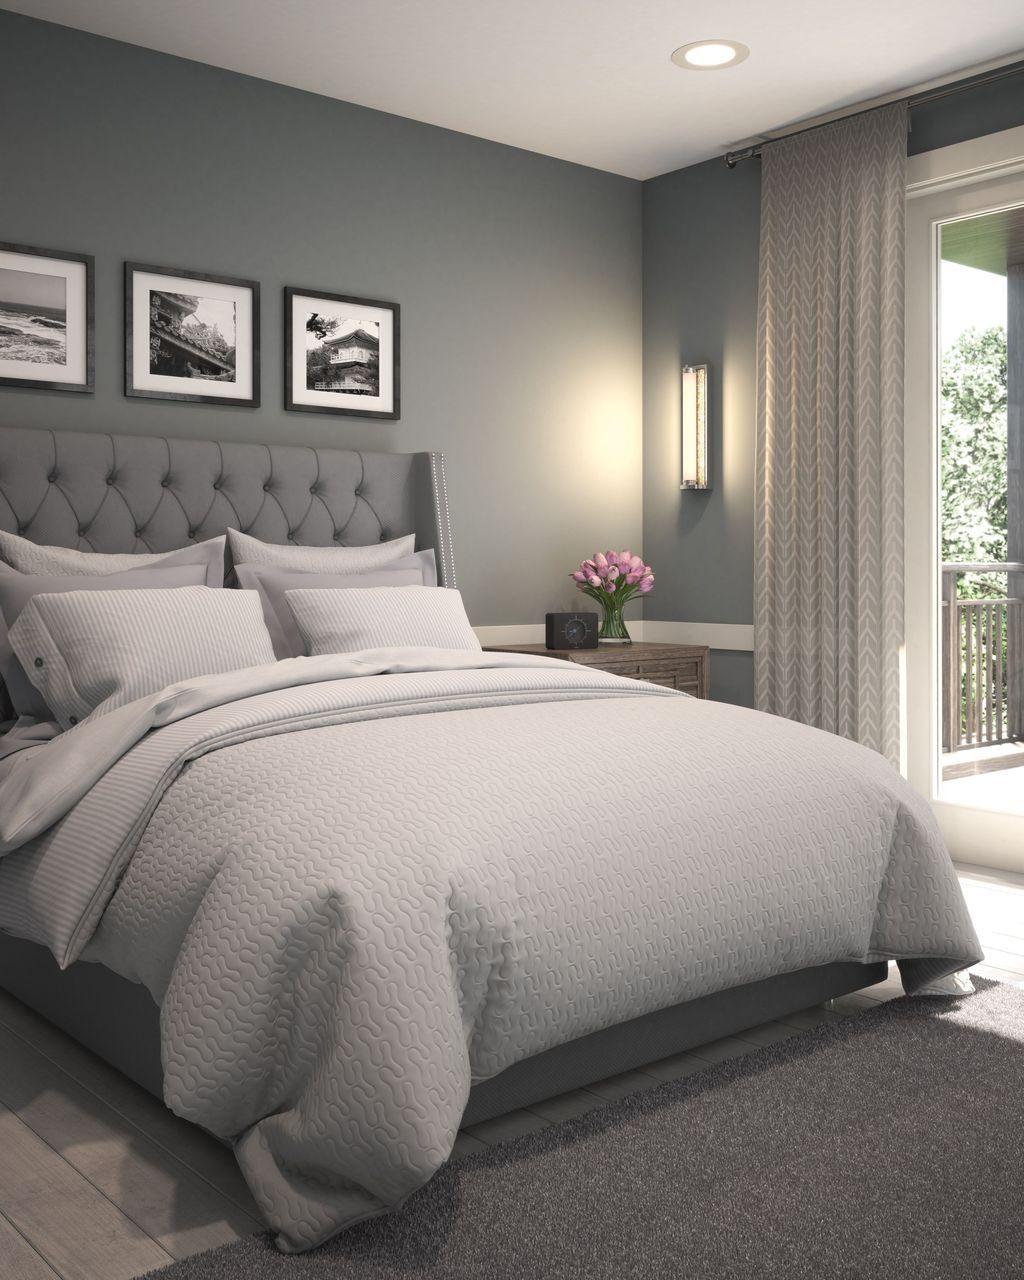 44 Stunning Grey Bedroom Decor Ideas In 2020 Small Master